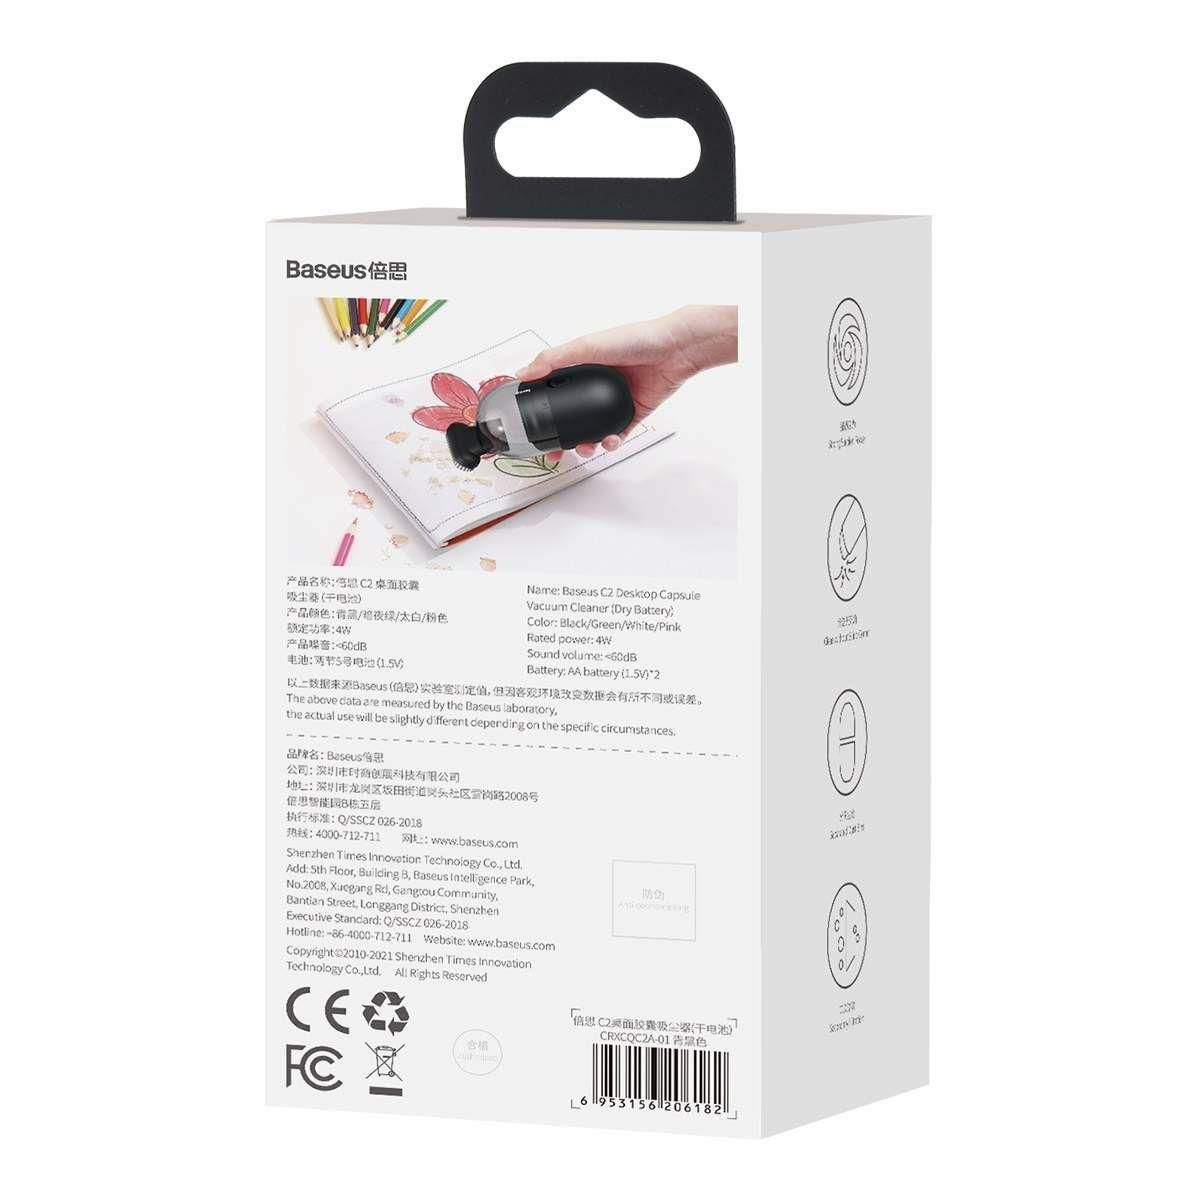 Baseus autós kiegészítő, C2 mini vezeték nélküli porszívó, 700Pa, 4W, fekete (CRXCQC2A-01)